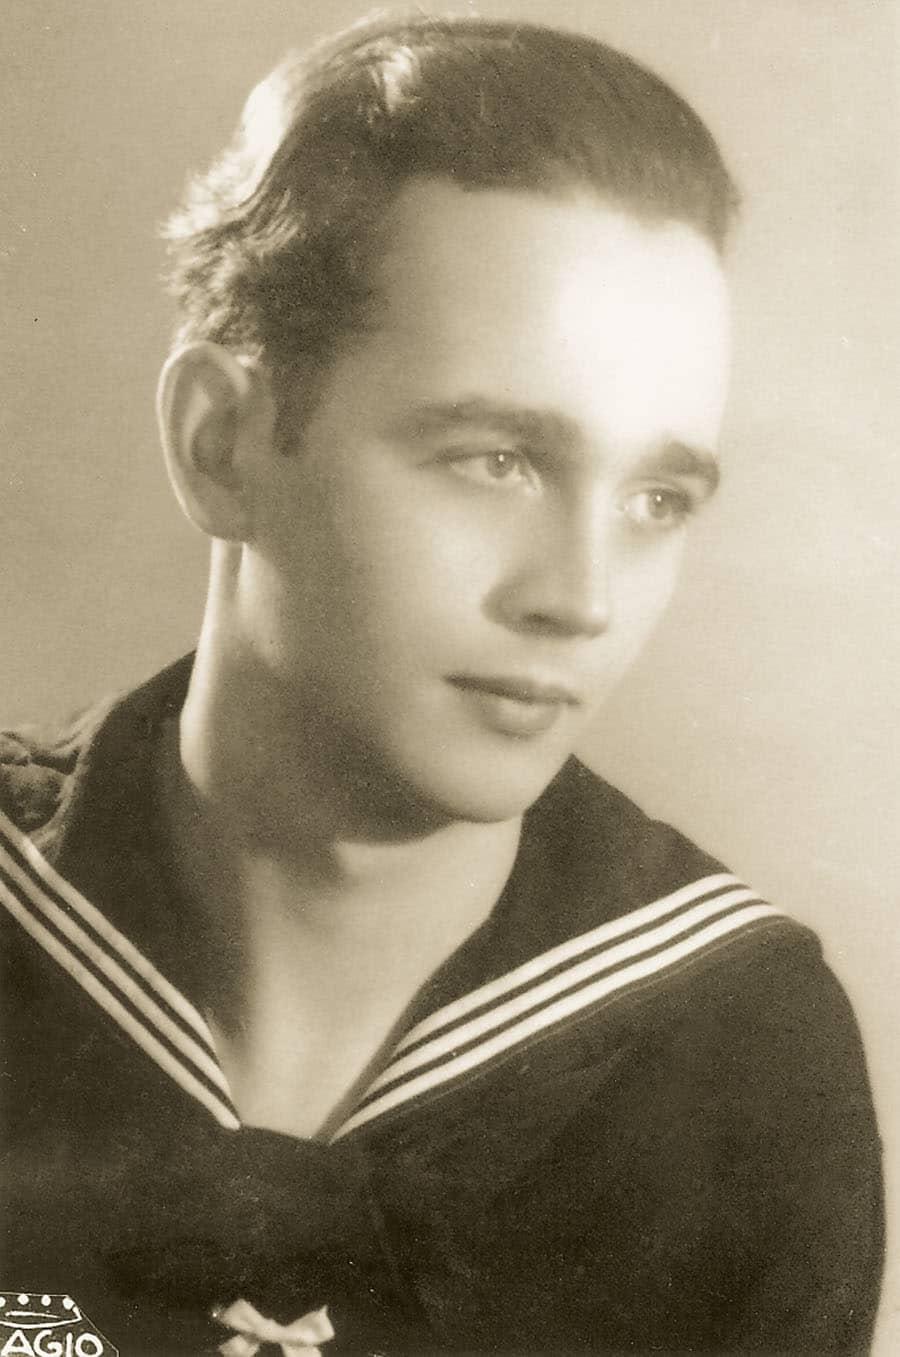 Heinz Pape im Jahr 1944 in seiner Marine-Uniform. Foto: Archiv Ehlers & Wiegmann